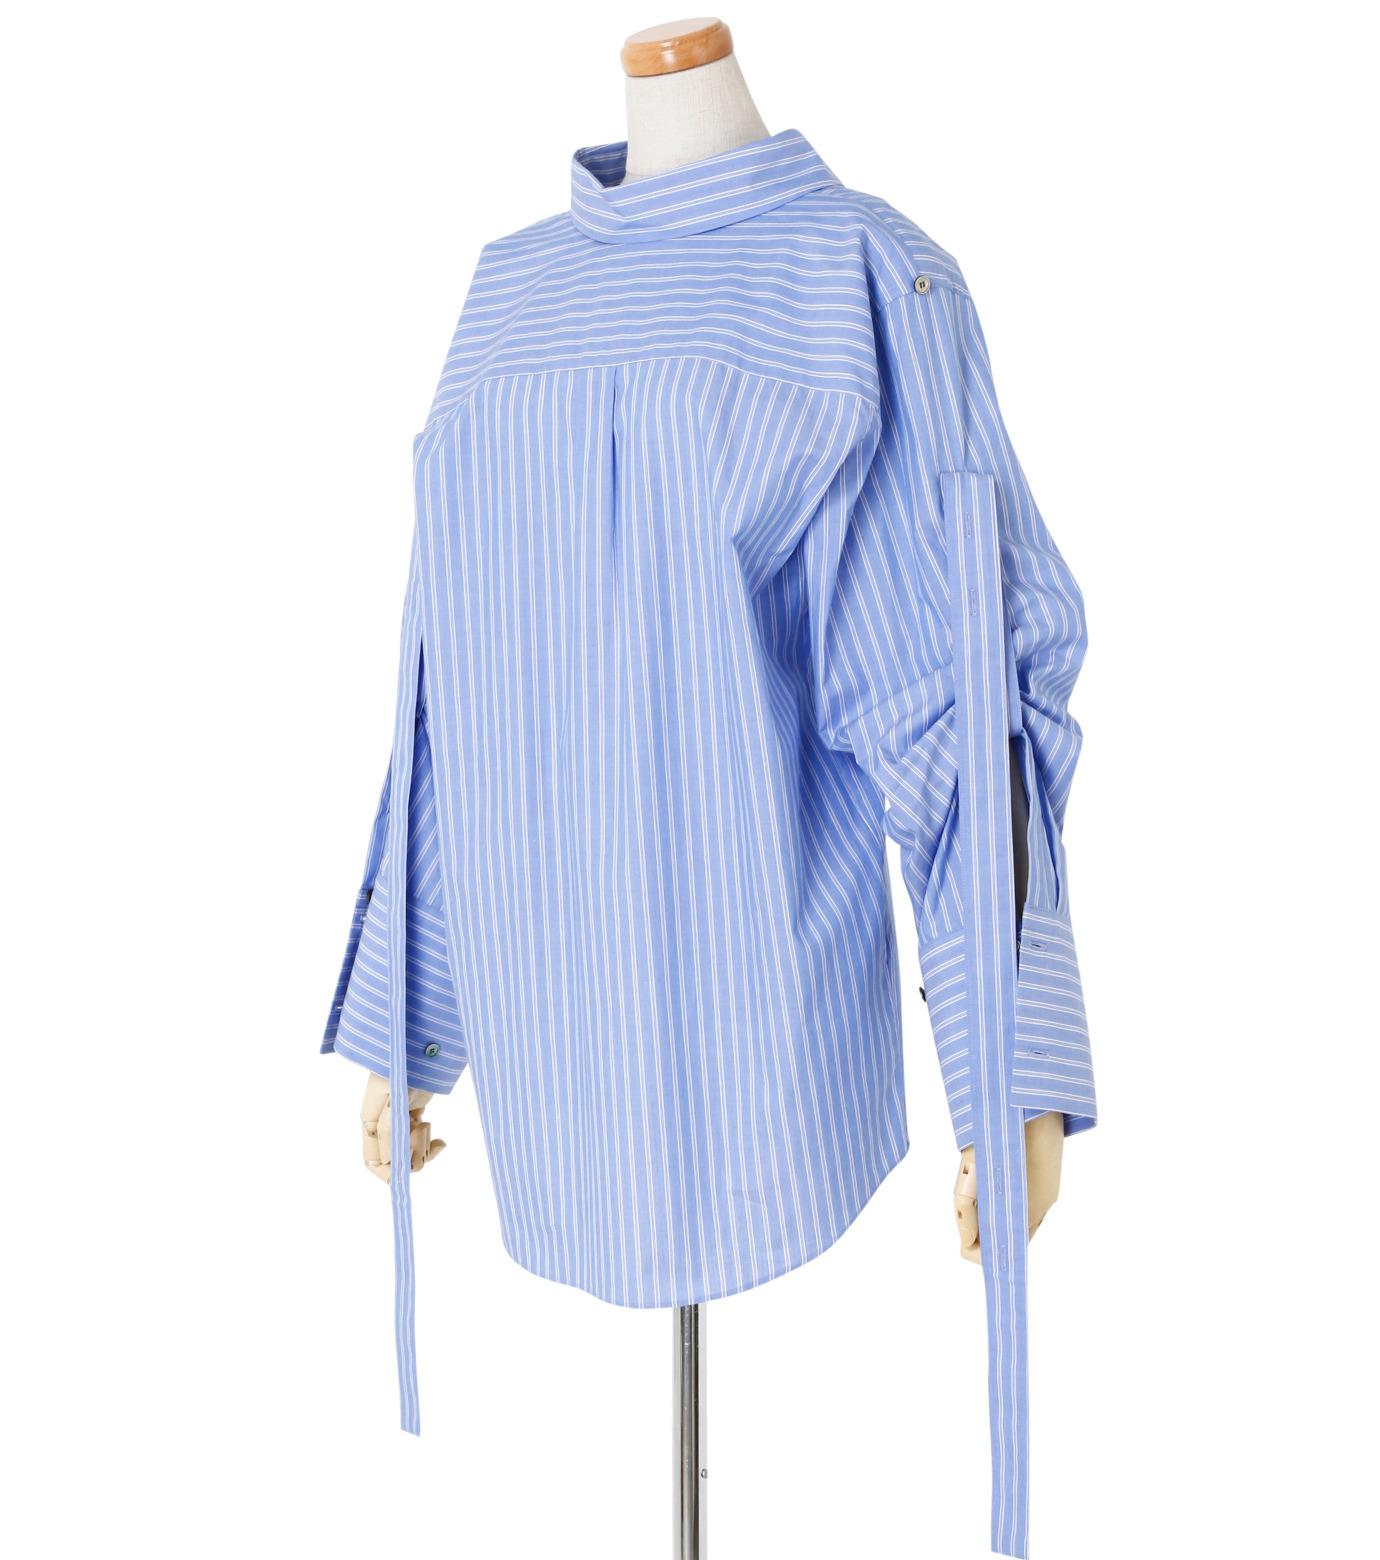 IRENE(アイレネ)のバックワーズシャツ-BLUE(シャツ/shirt)-19S83009 拡大詳細画像2